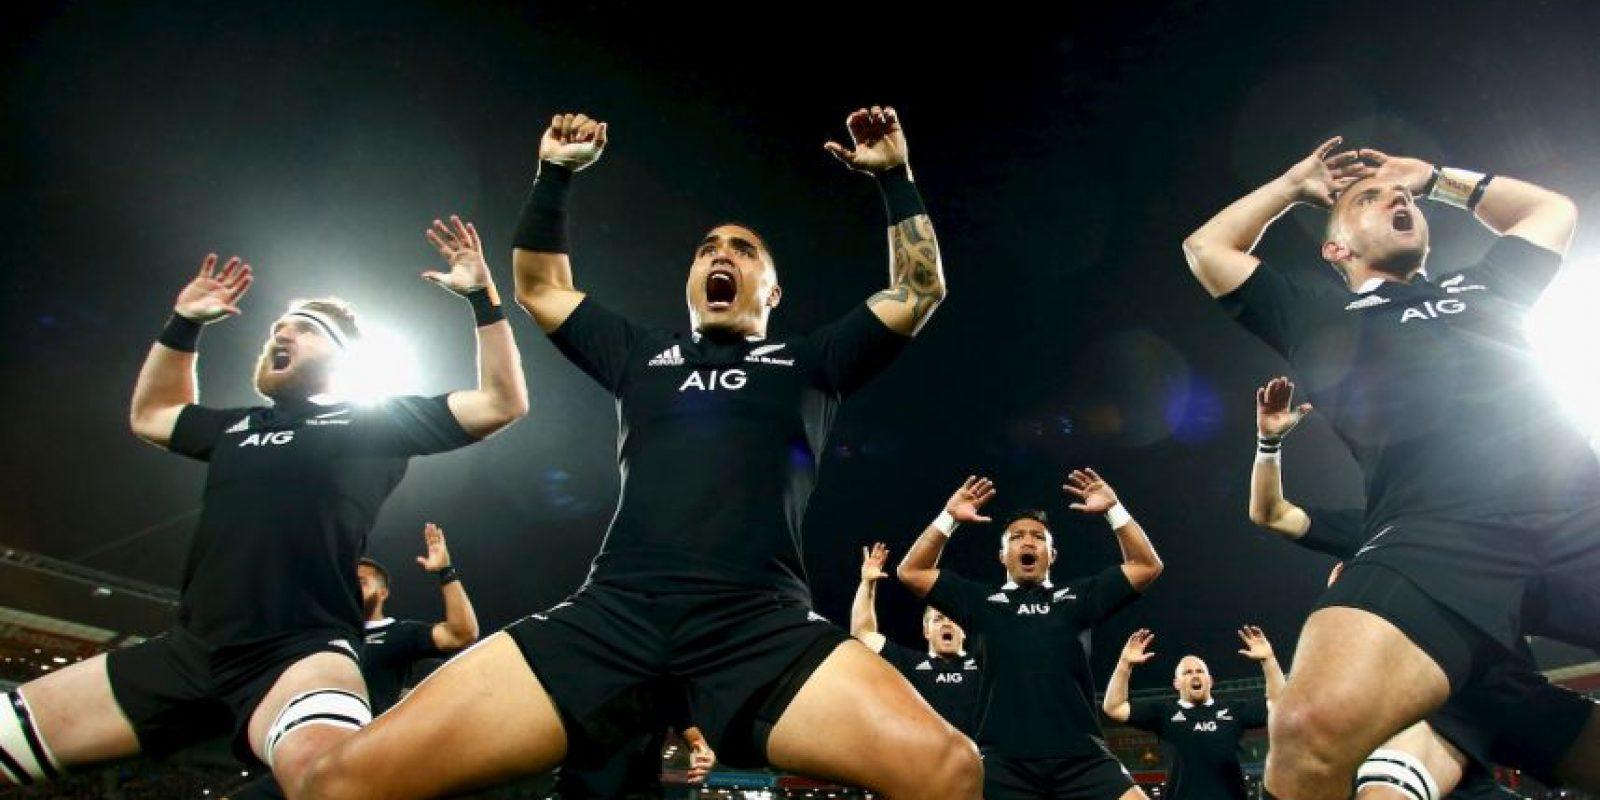 """En Nueva Zelanda el deporte que manda es el rugby, del cual son una potencia mundial y donde se han hecho famosos sus tradicionales """"hakas"""". Foto:Getty Images"""